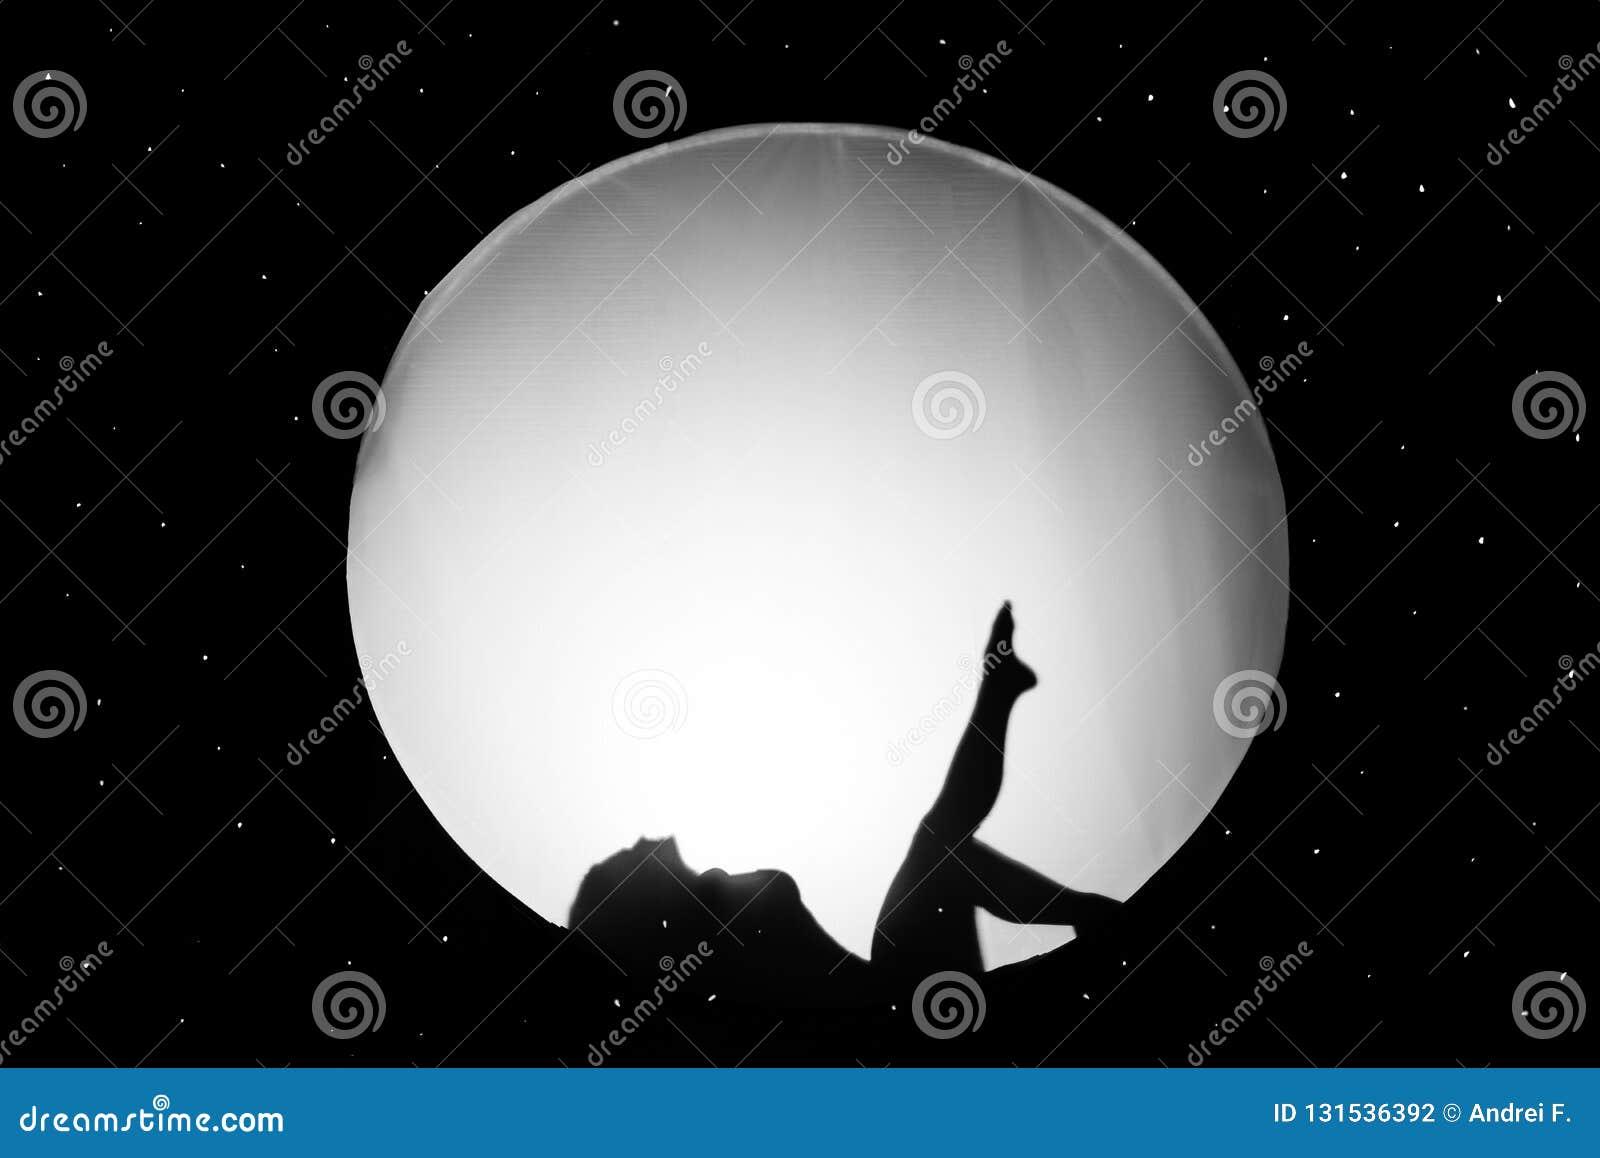 Sylwetka naga dziewczyna przeciw białemu tłu w postaci okręgu w czerni przestrzeni,